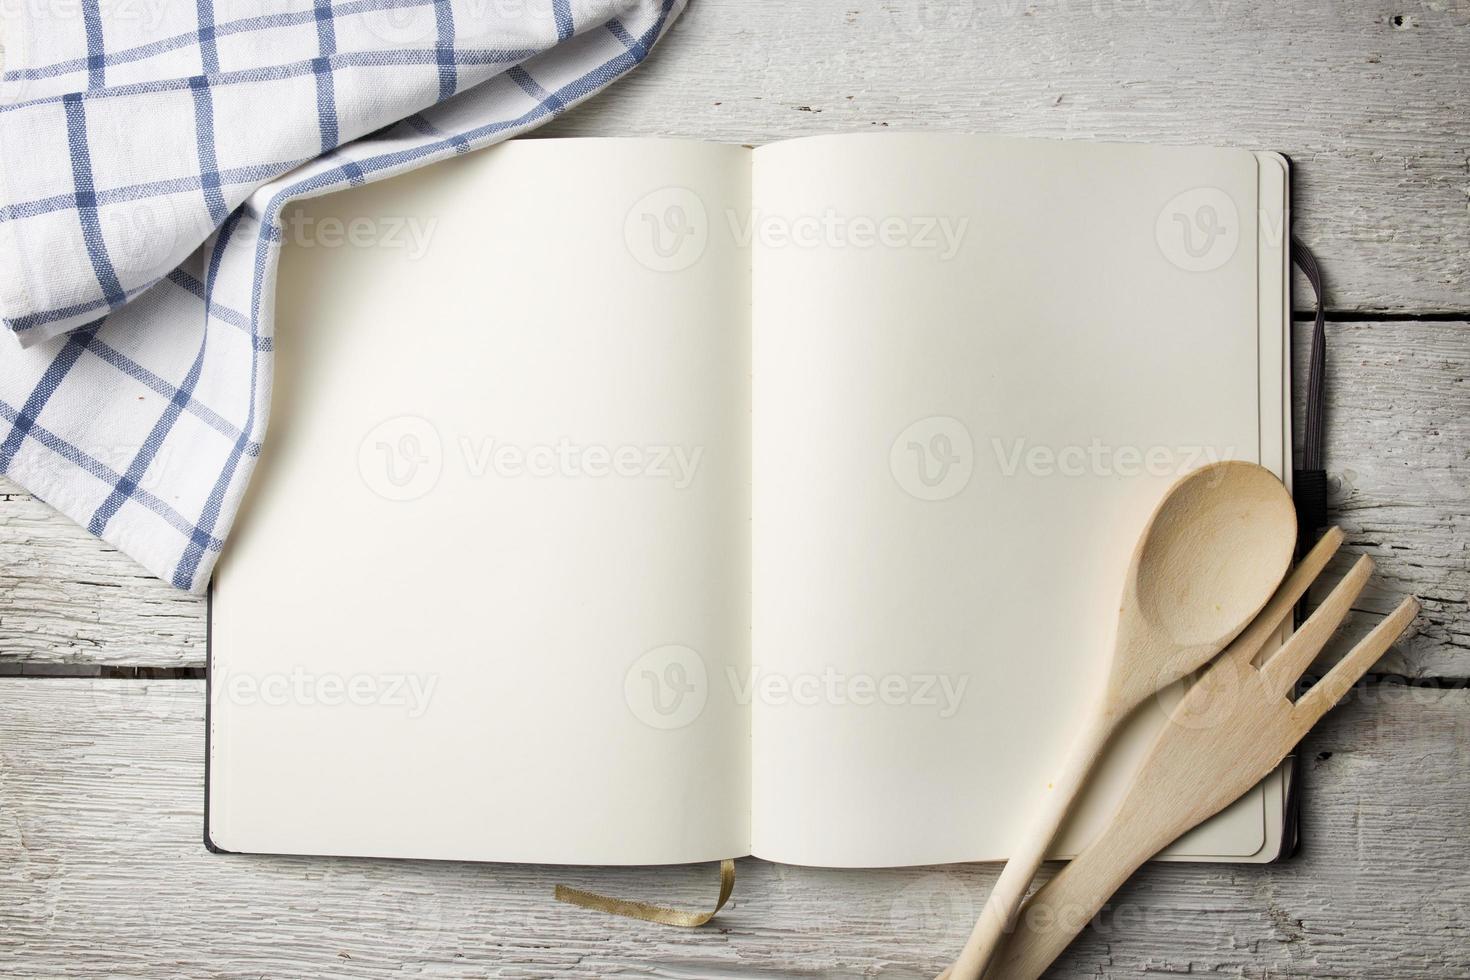 tom receptbok på träbord foto